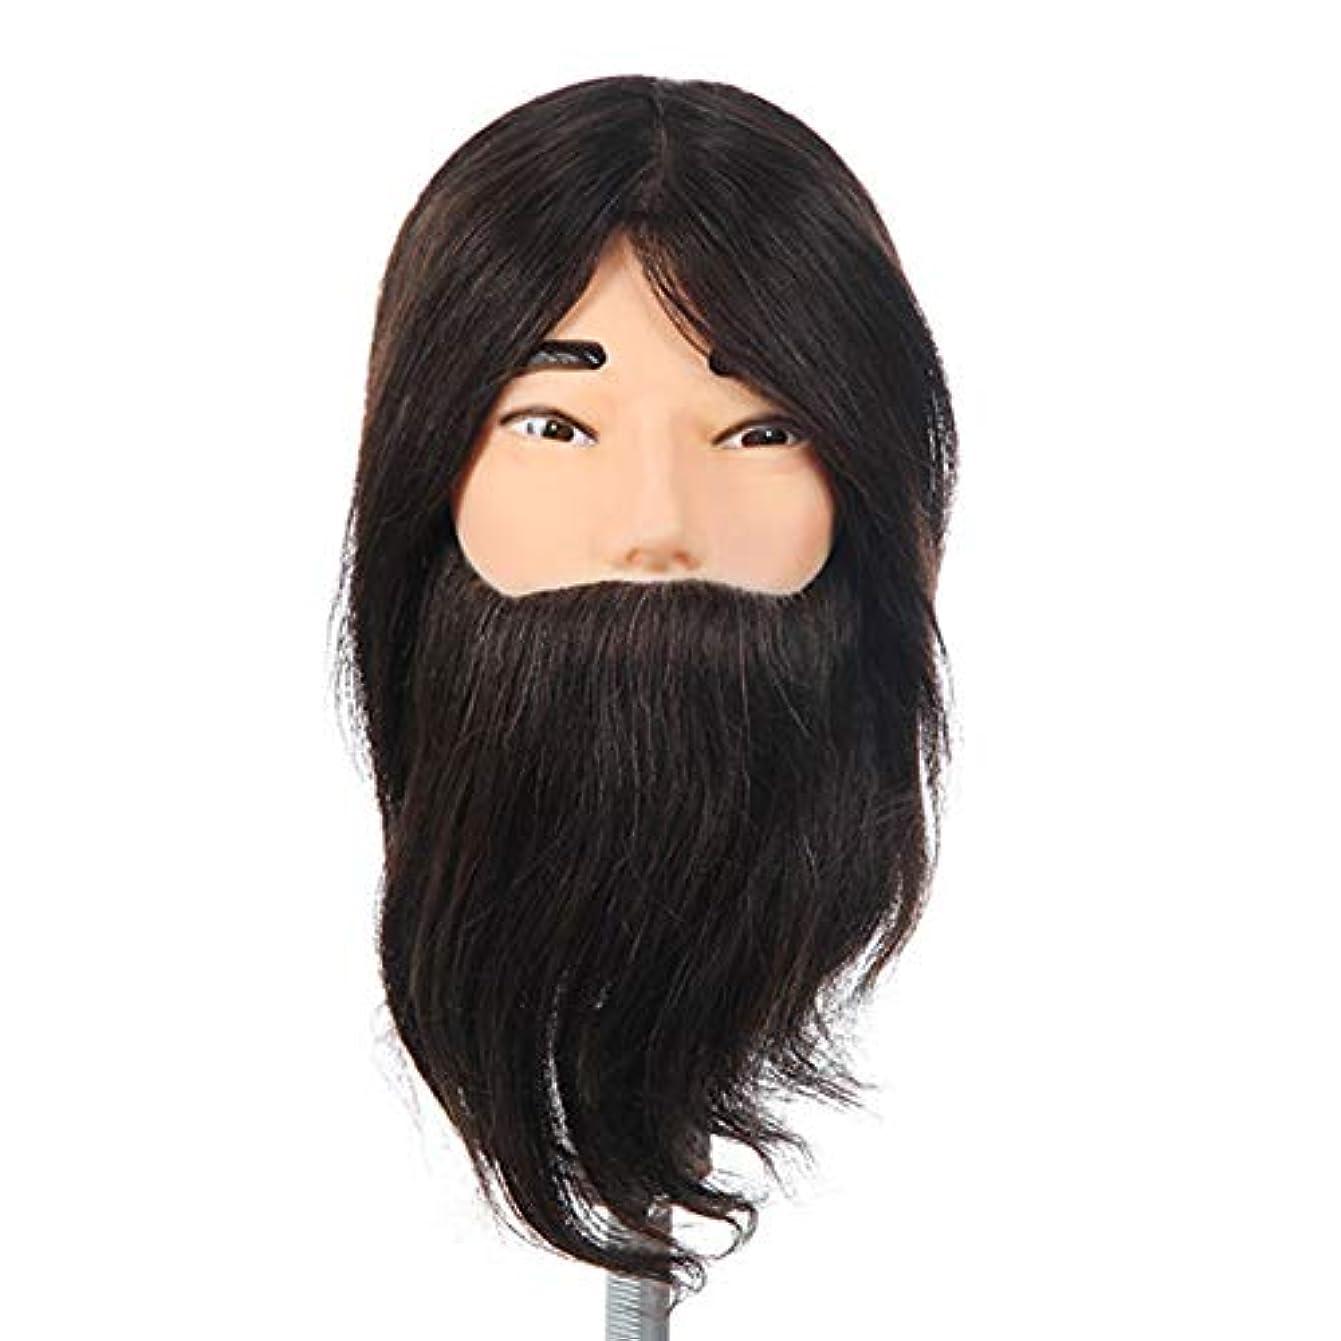 ピッチャーサロン成り立つ男性の本物の髪ショートヘアダミーヘッド理髪店トリミングひげヘアカットの練習マネキン理髪学校専用のトレーニングヘッド